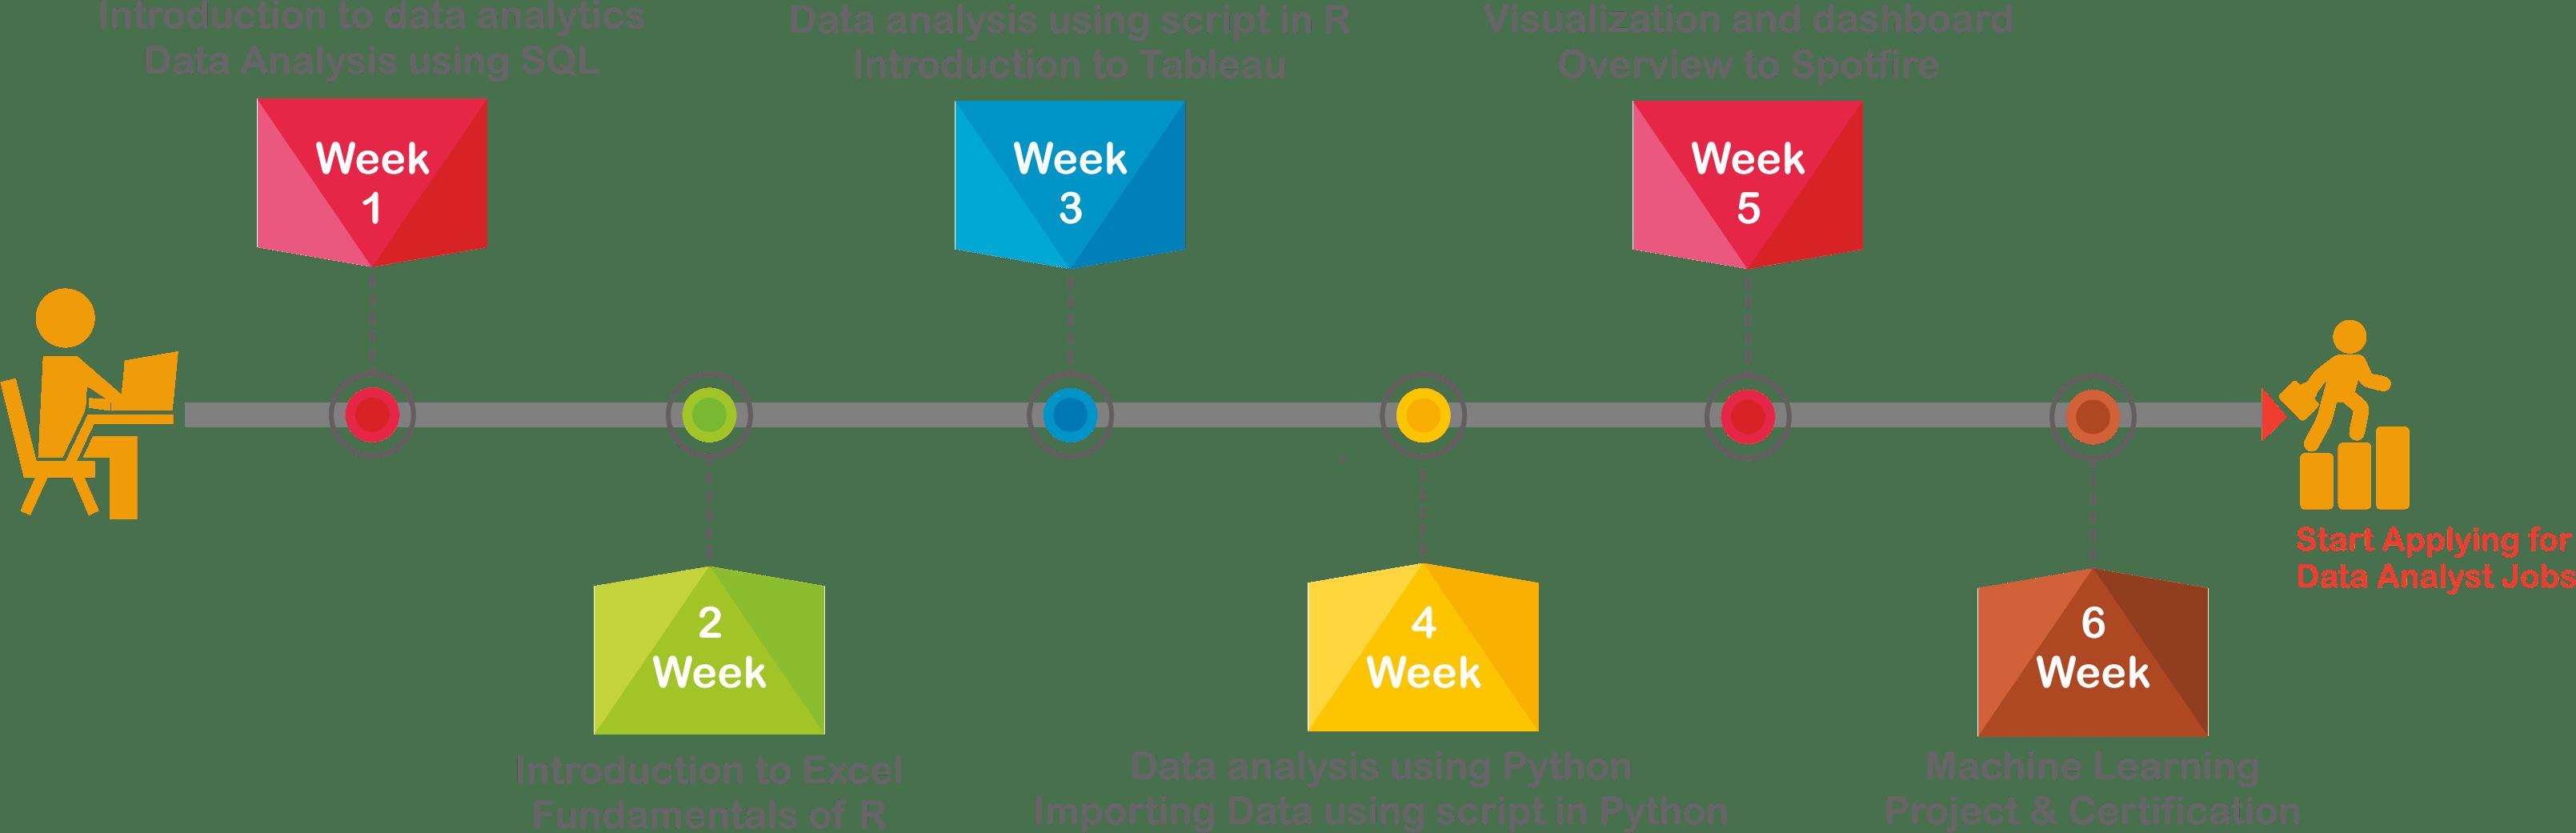 Data Analytics Training Roadmap